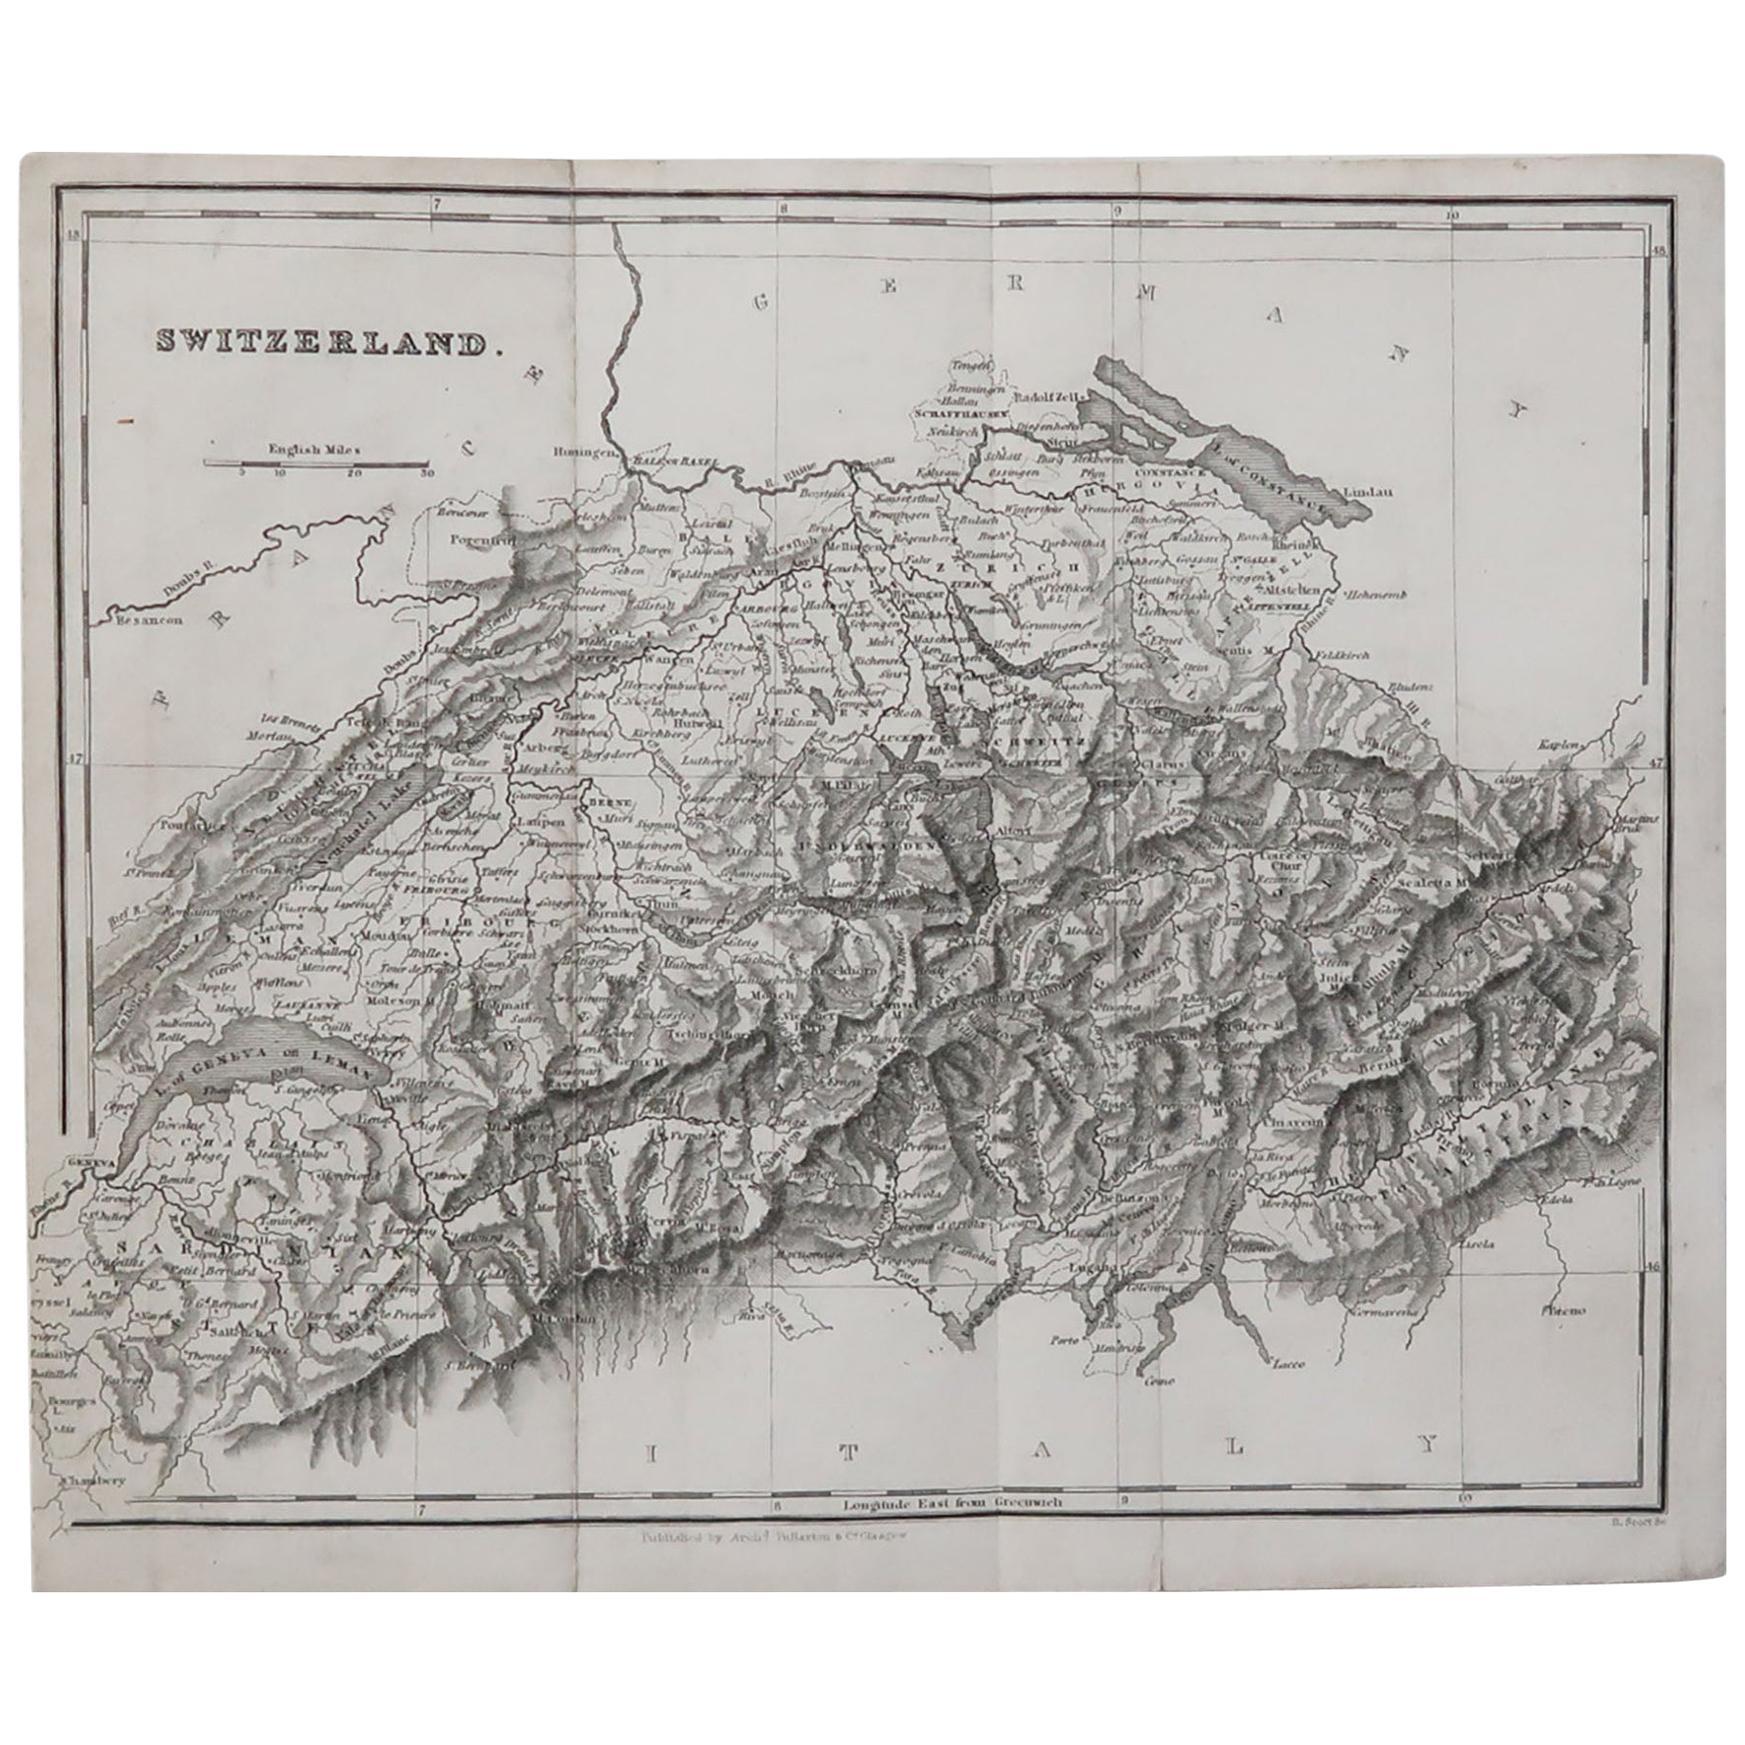 Original Antique Map of Switzerland, circa 1840